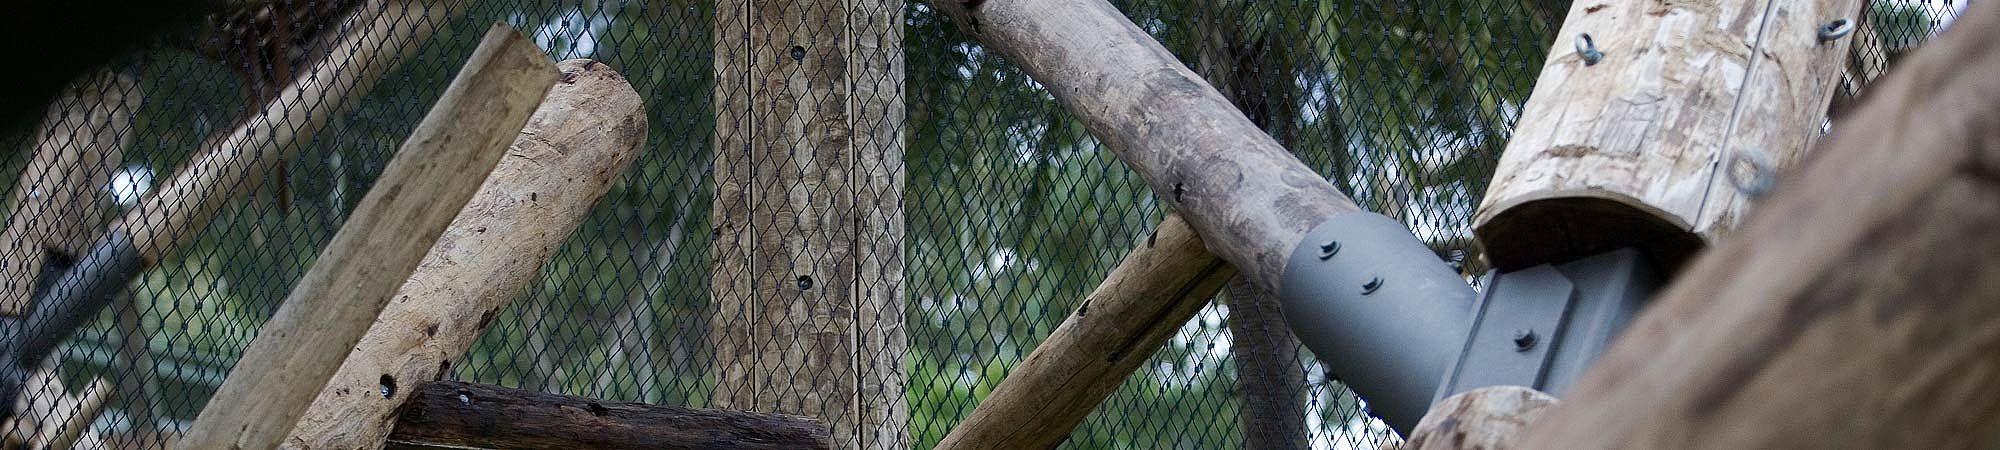 Taronga Zoo Gehege für Schimpansen